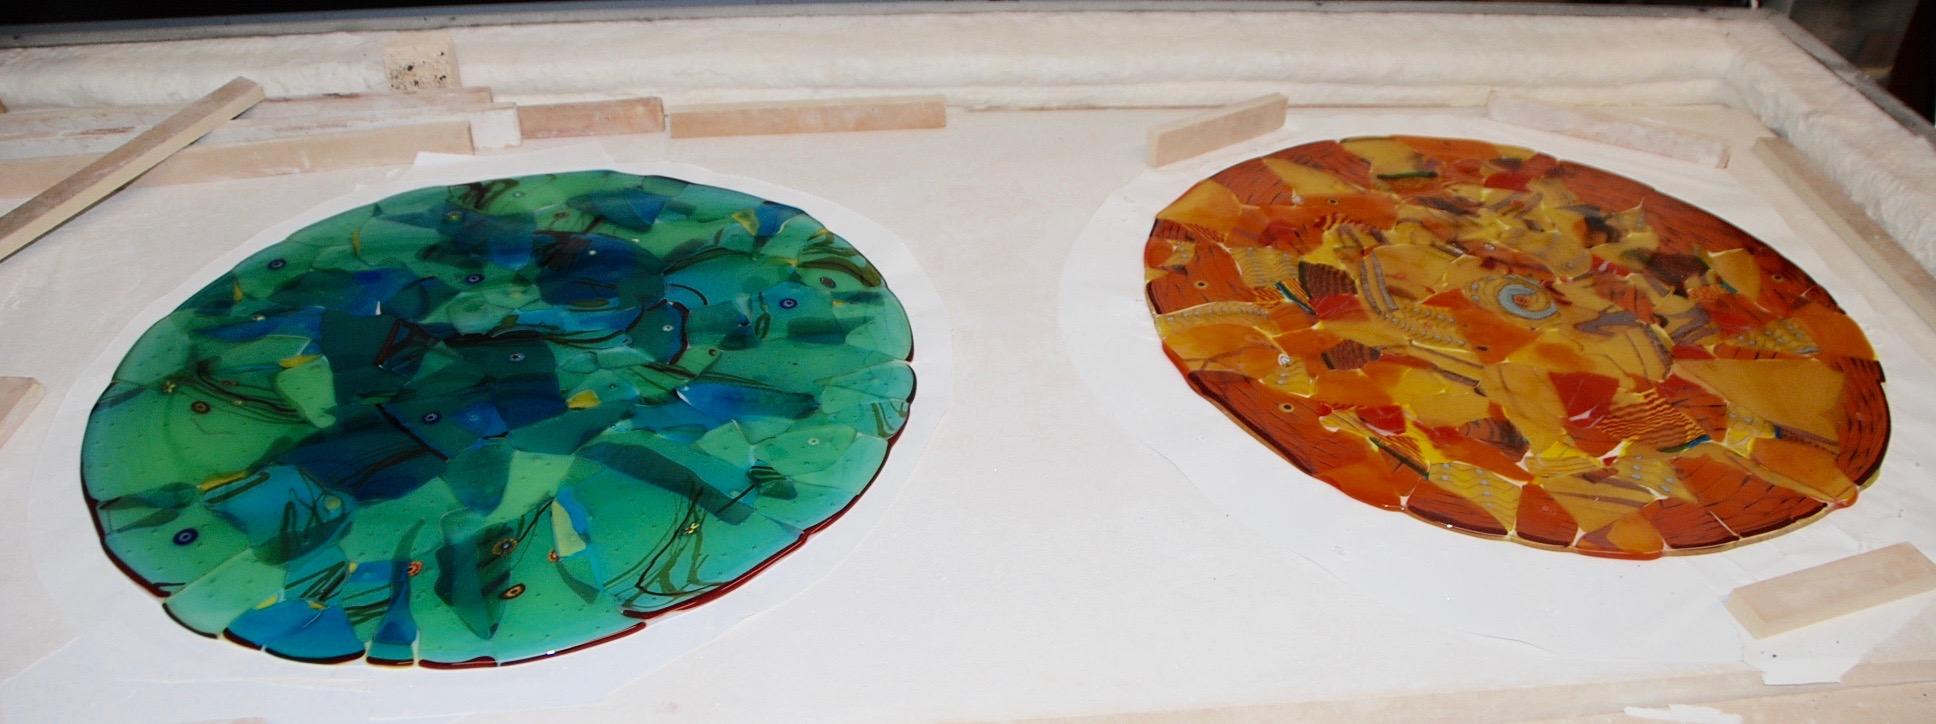 Fused Platters strini 04.jpg